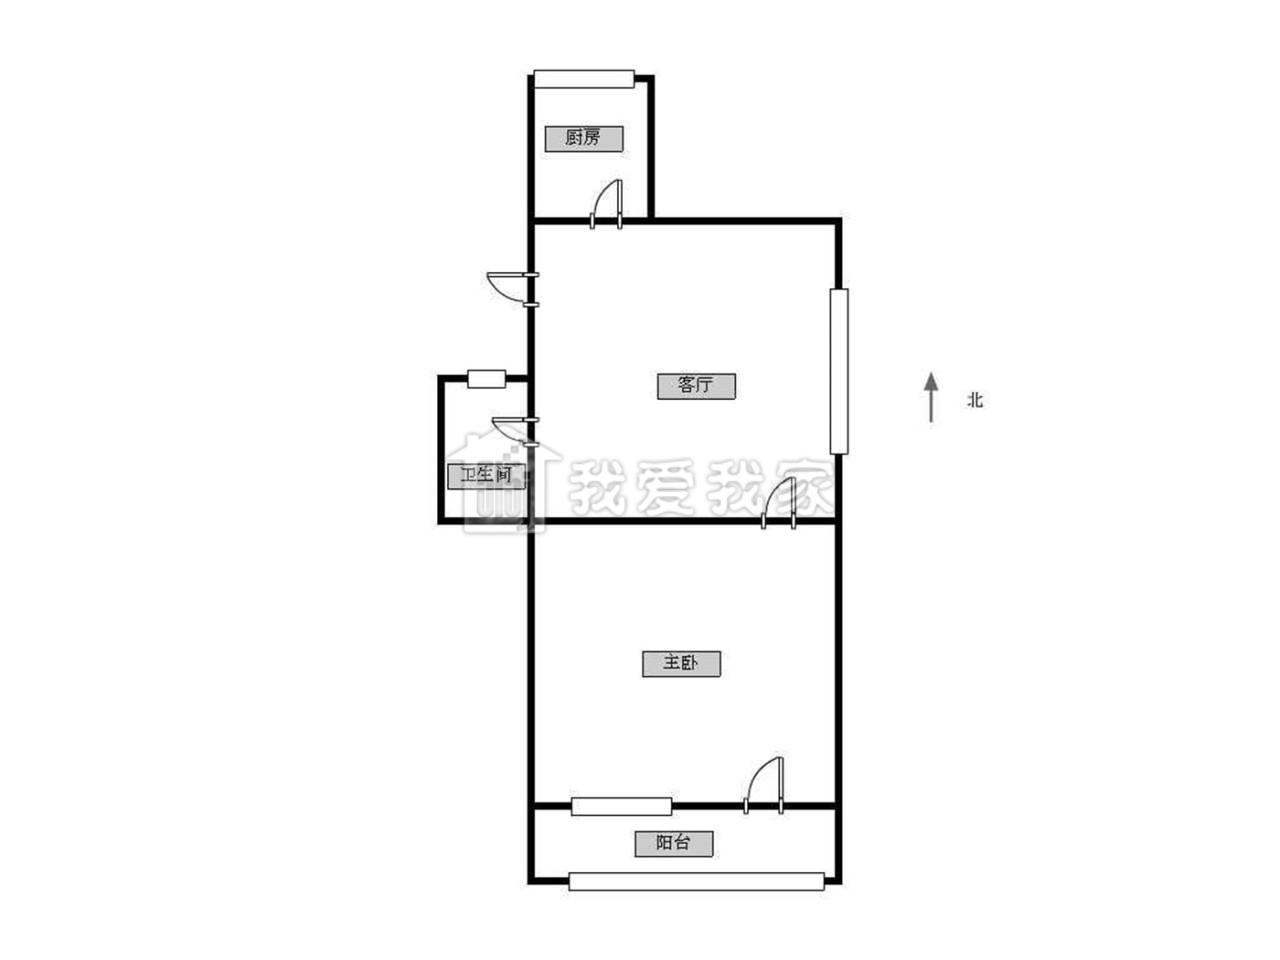 雨花台区安德门龙福花园1室1厅户型图